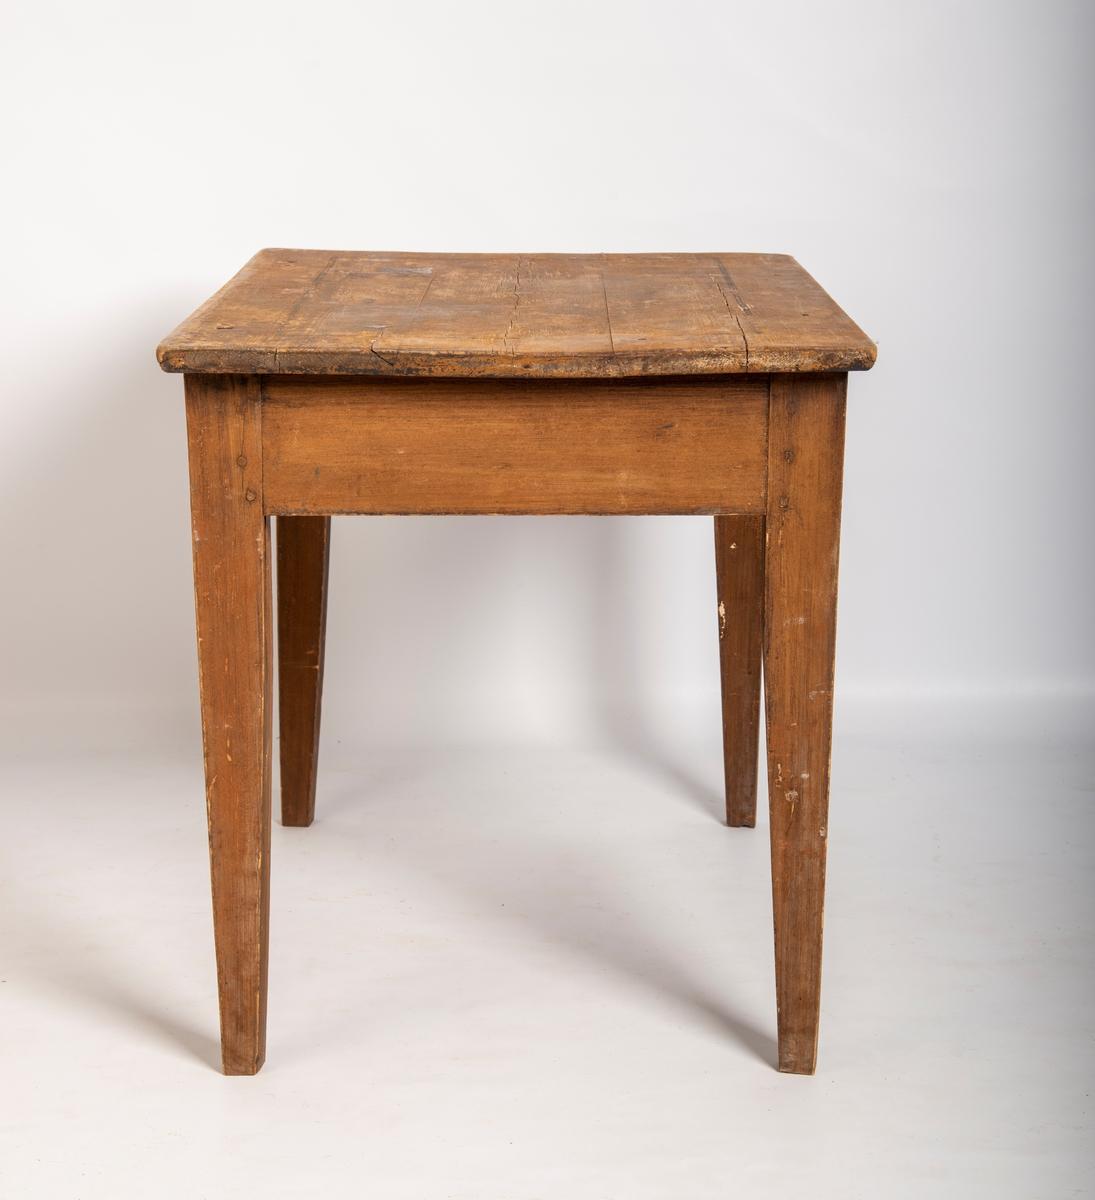 Heltre bord på 4 bein med skuff. Sammenføyning mellom sarg og bein med treplugger. Vokspapir i bunnen av skuffen.